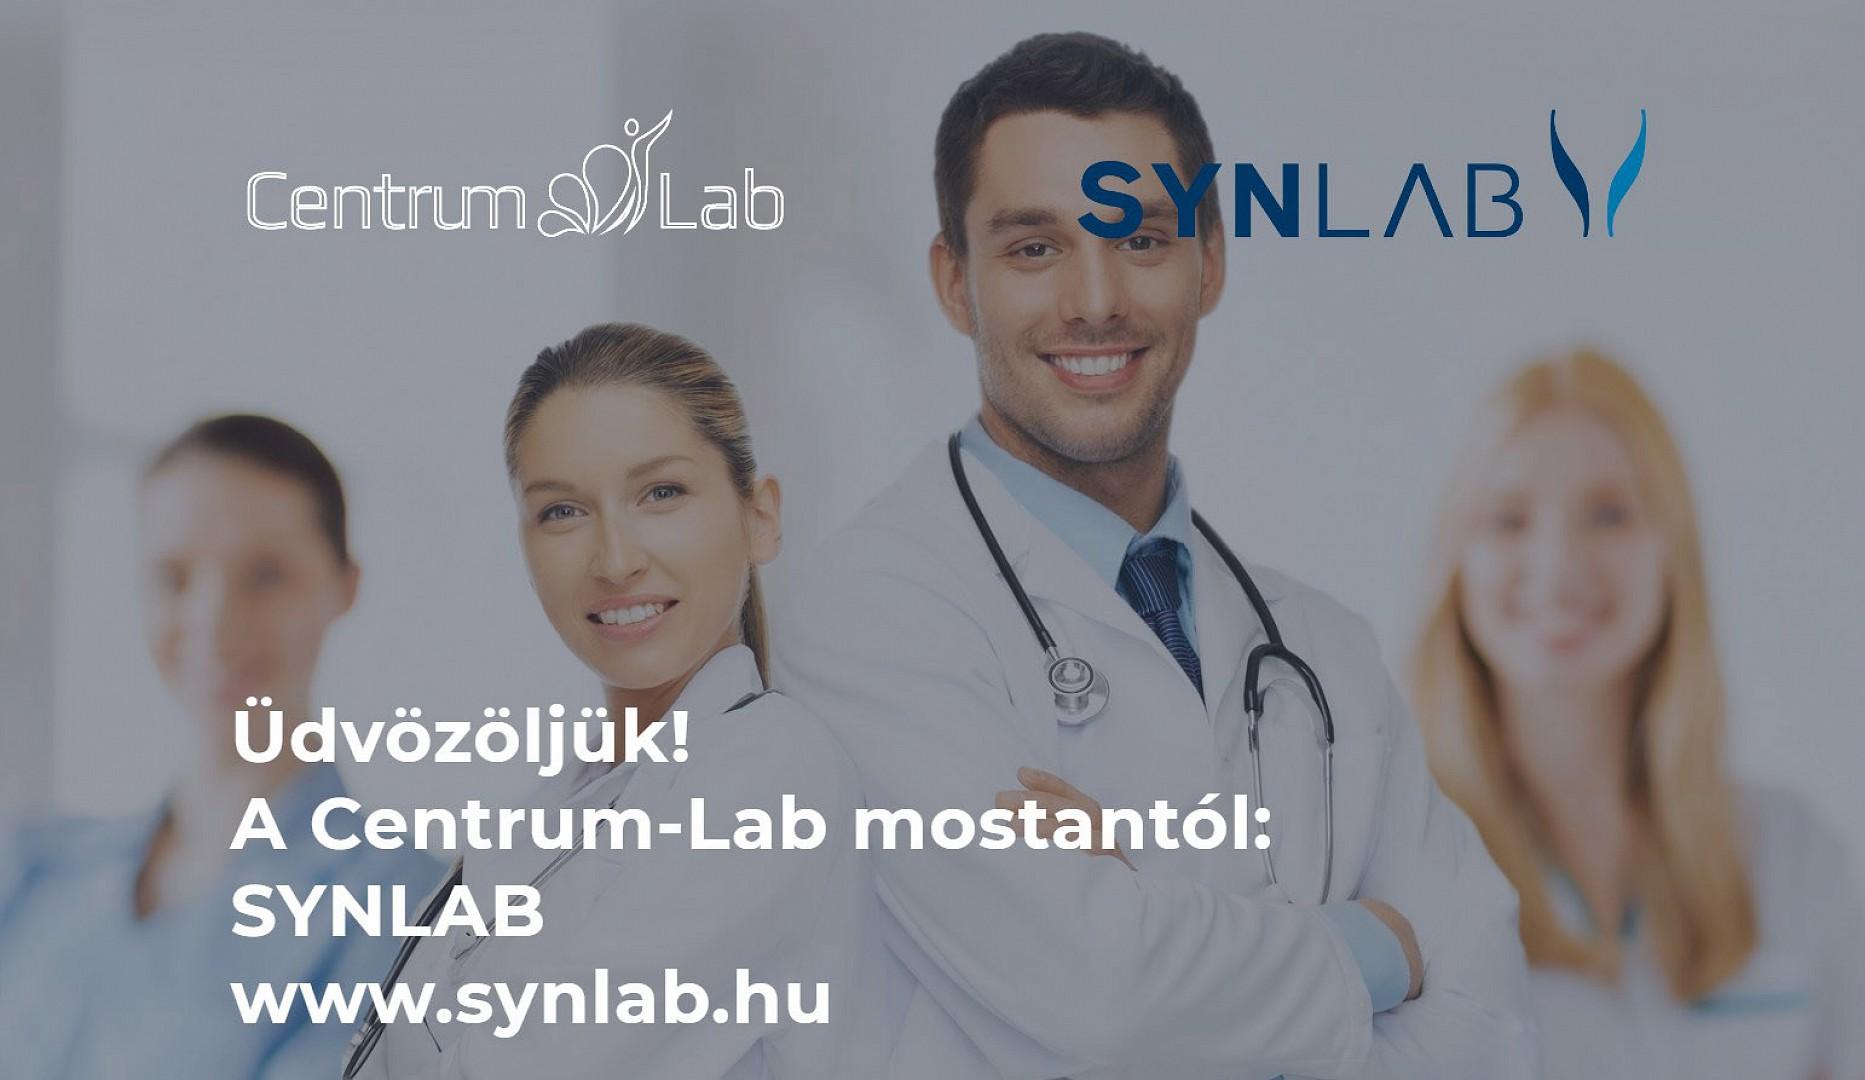 CentrumLab   SYNLAB